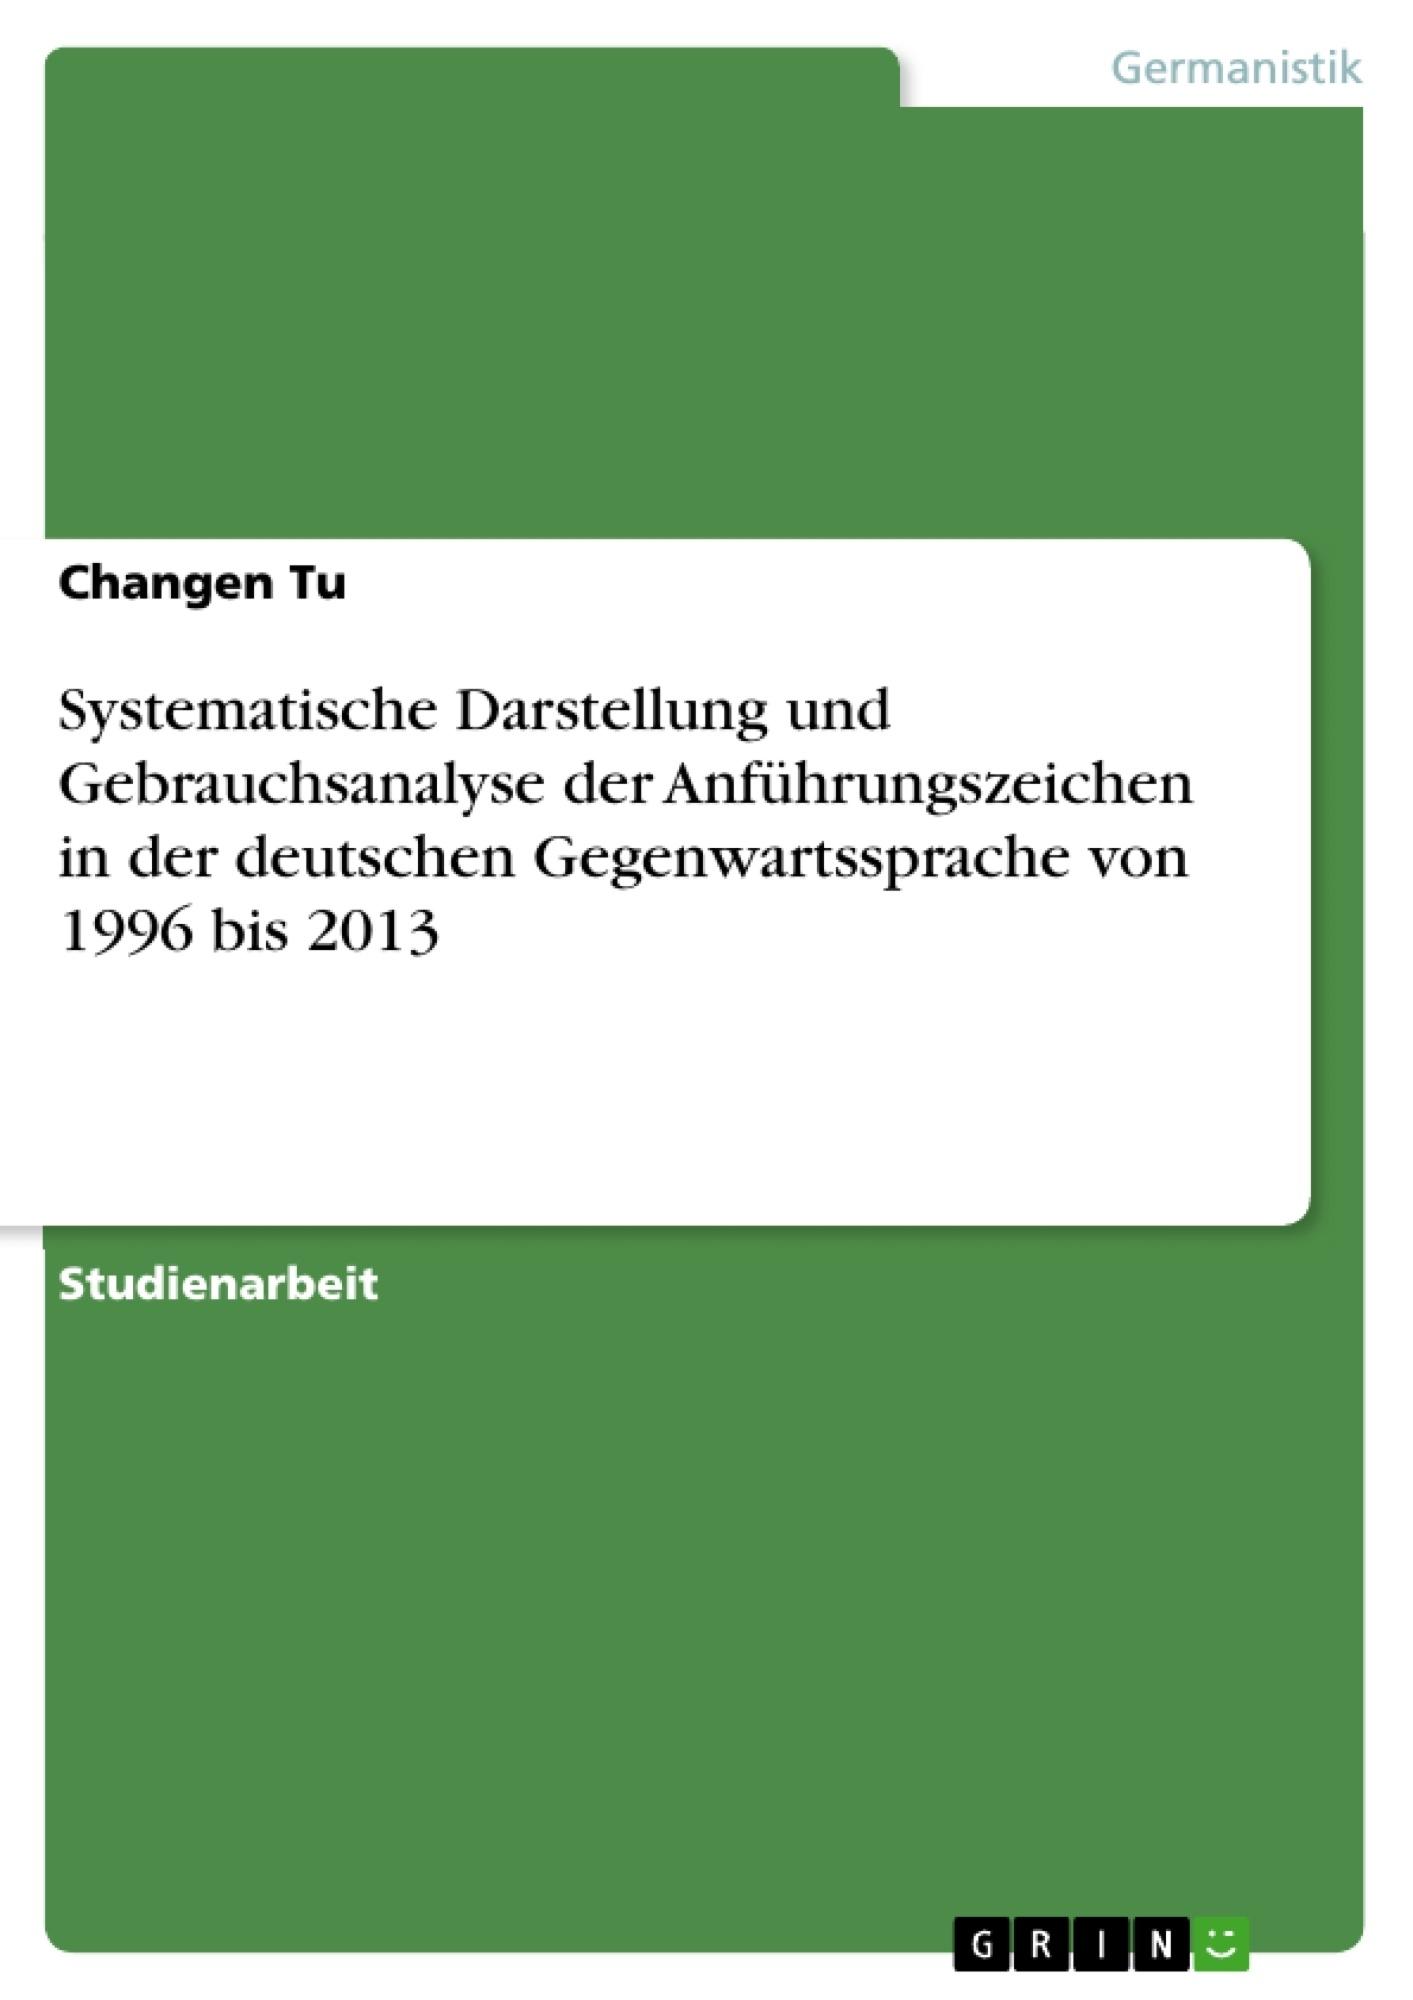 Titel: Systematische Darstellung und Gebrauchsanalyse der Anführungszeichen in der deutschen Gegenwartssprache von 1996 bis 2013